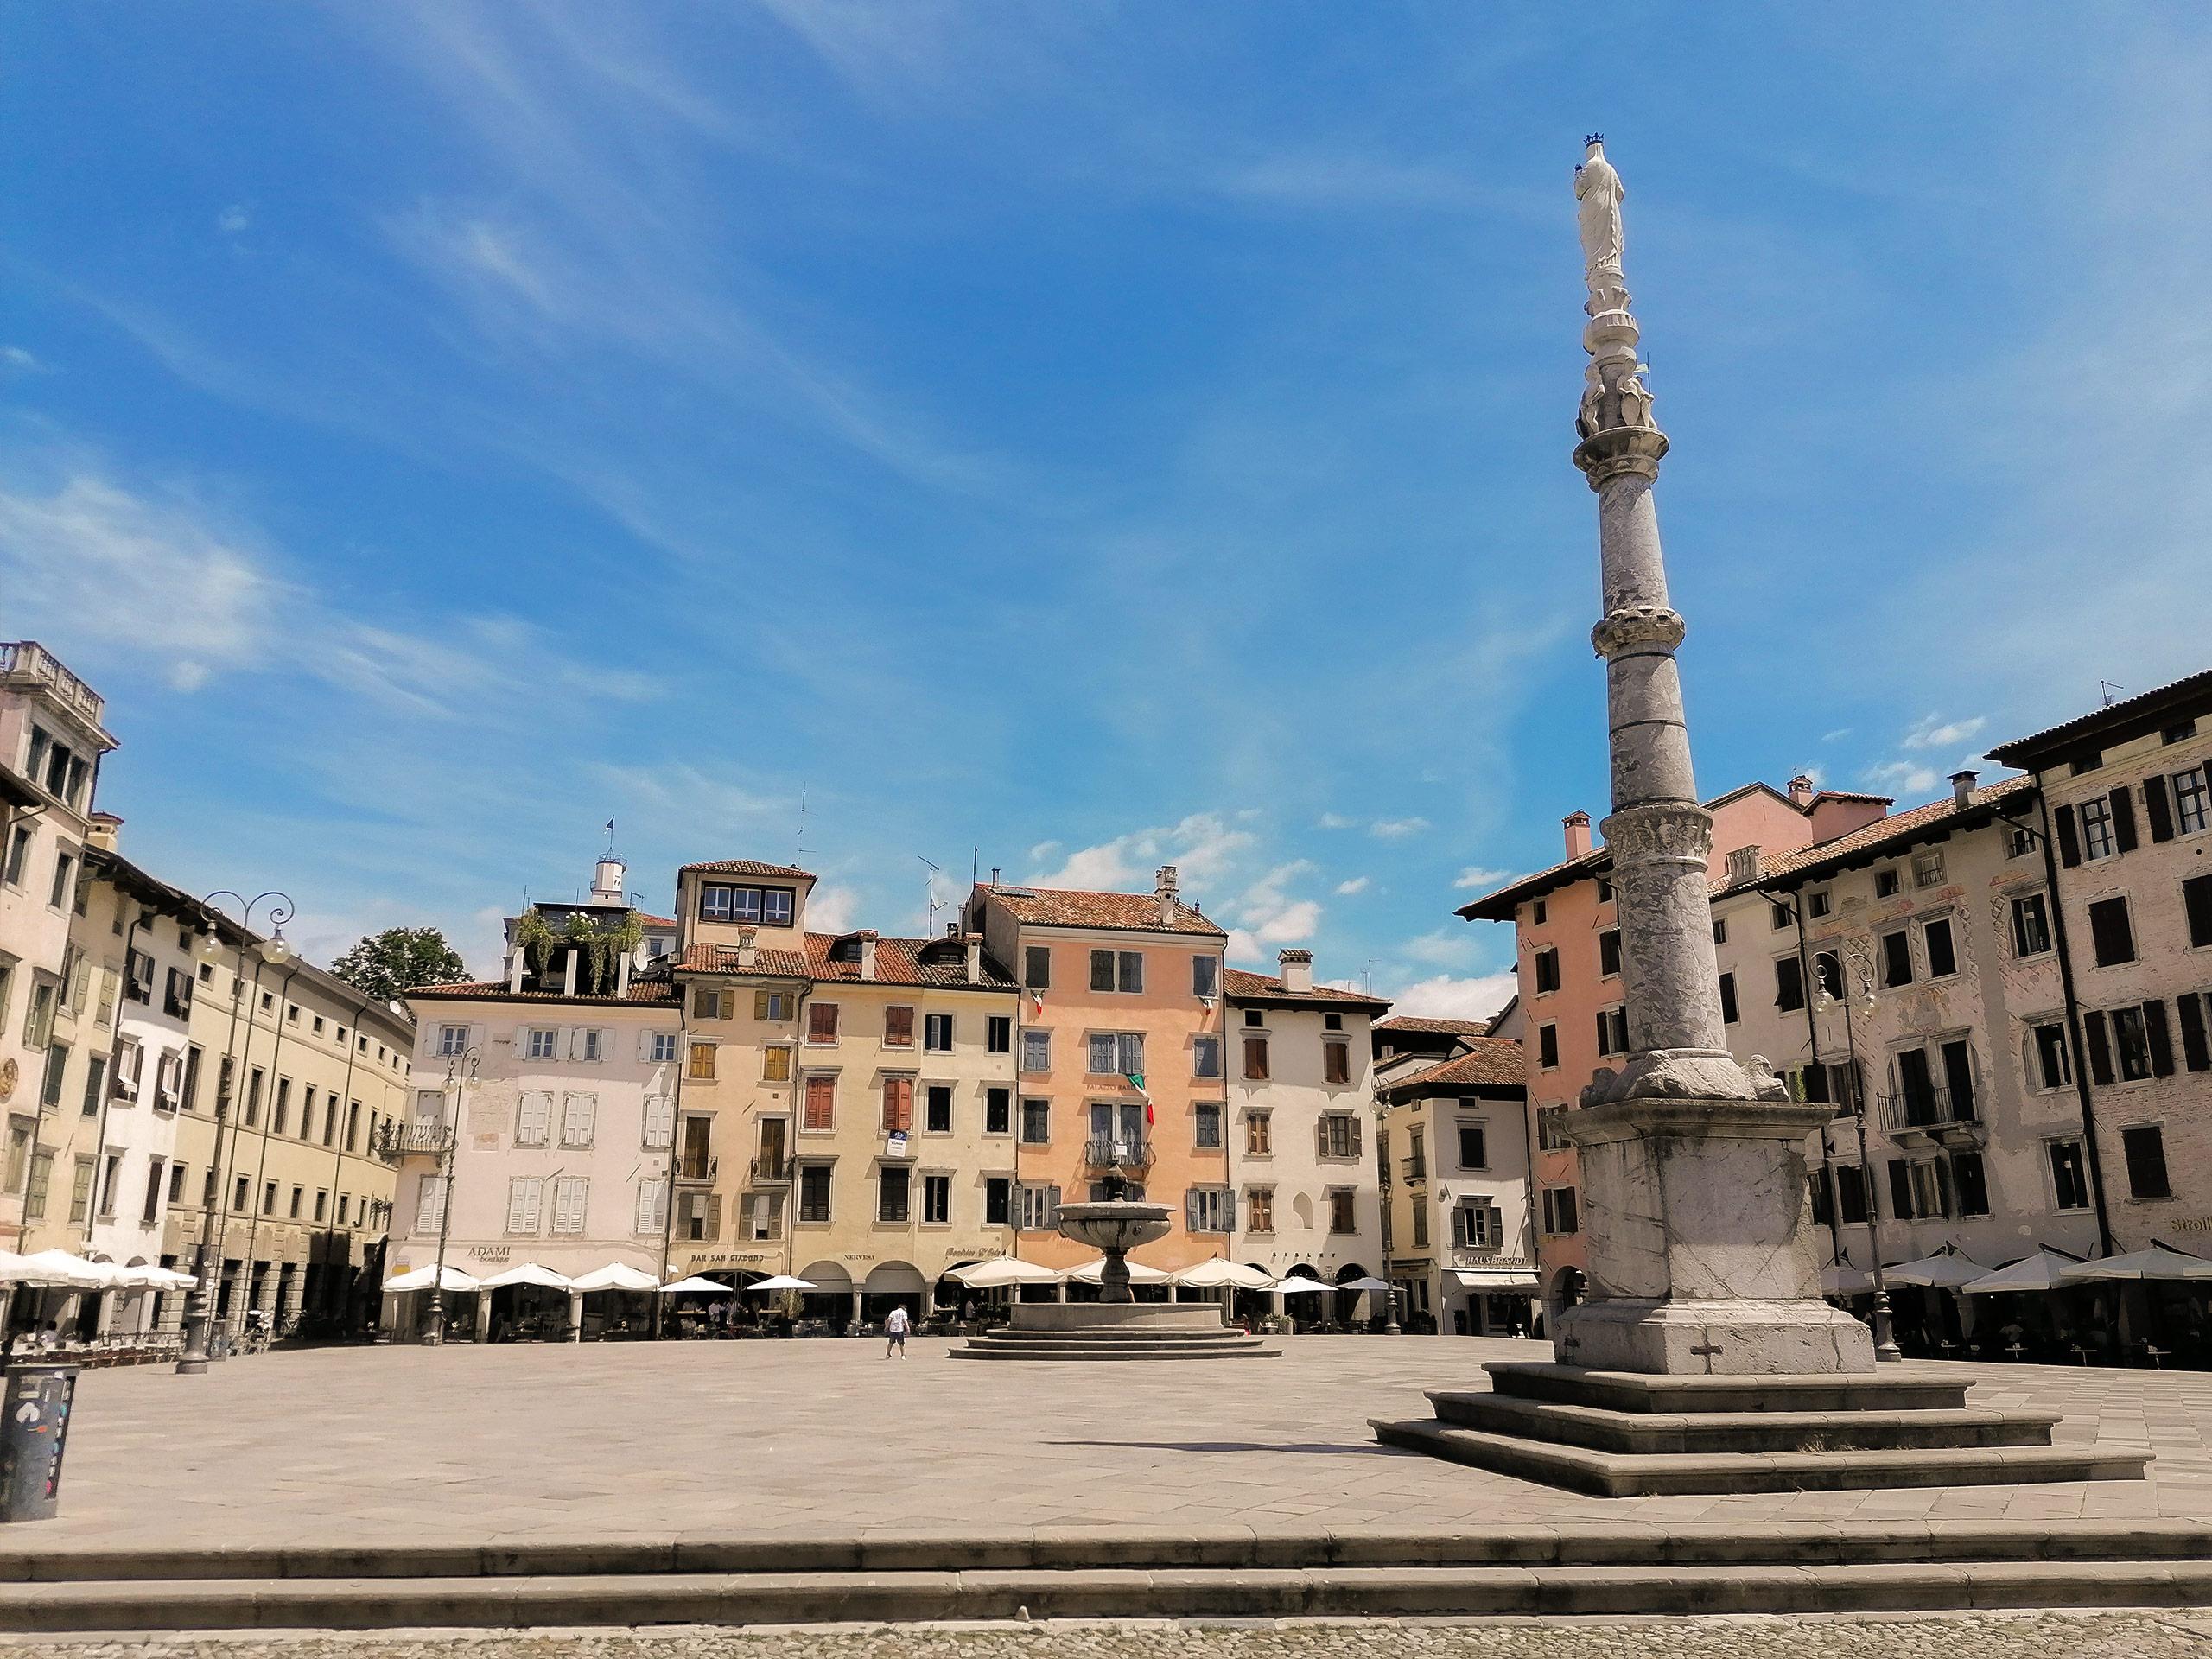 Udine Matteotti Square